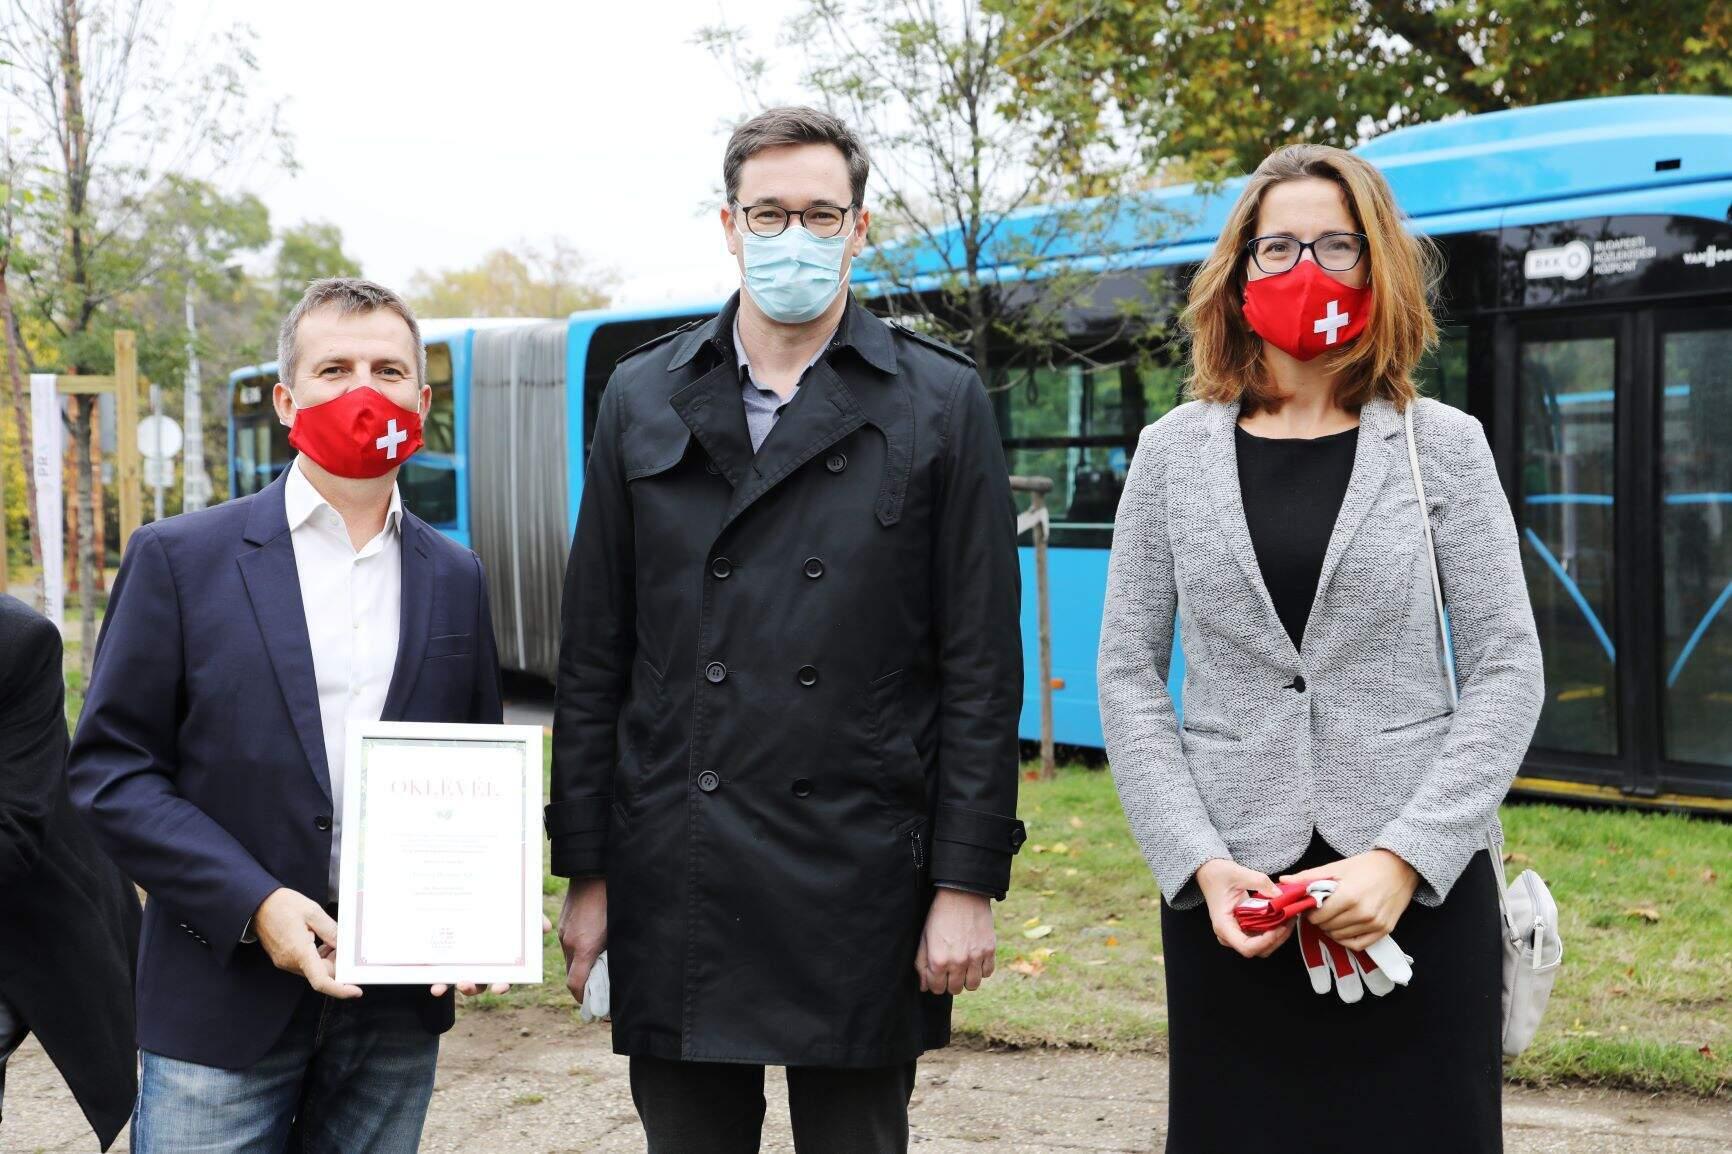 Gazsi Zoltán és Szalai Judit, Karácsony Gergely főpolgármesterrel